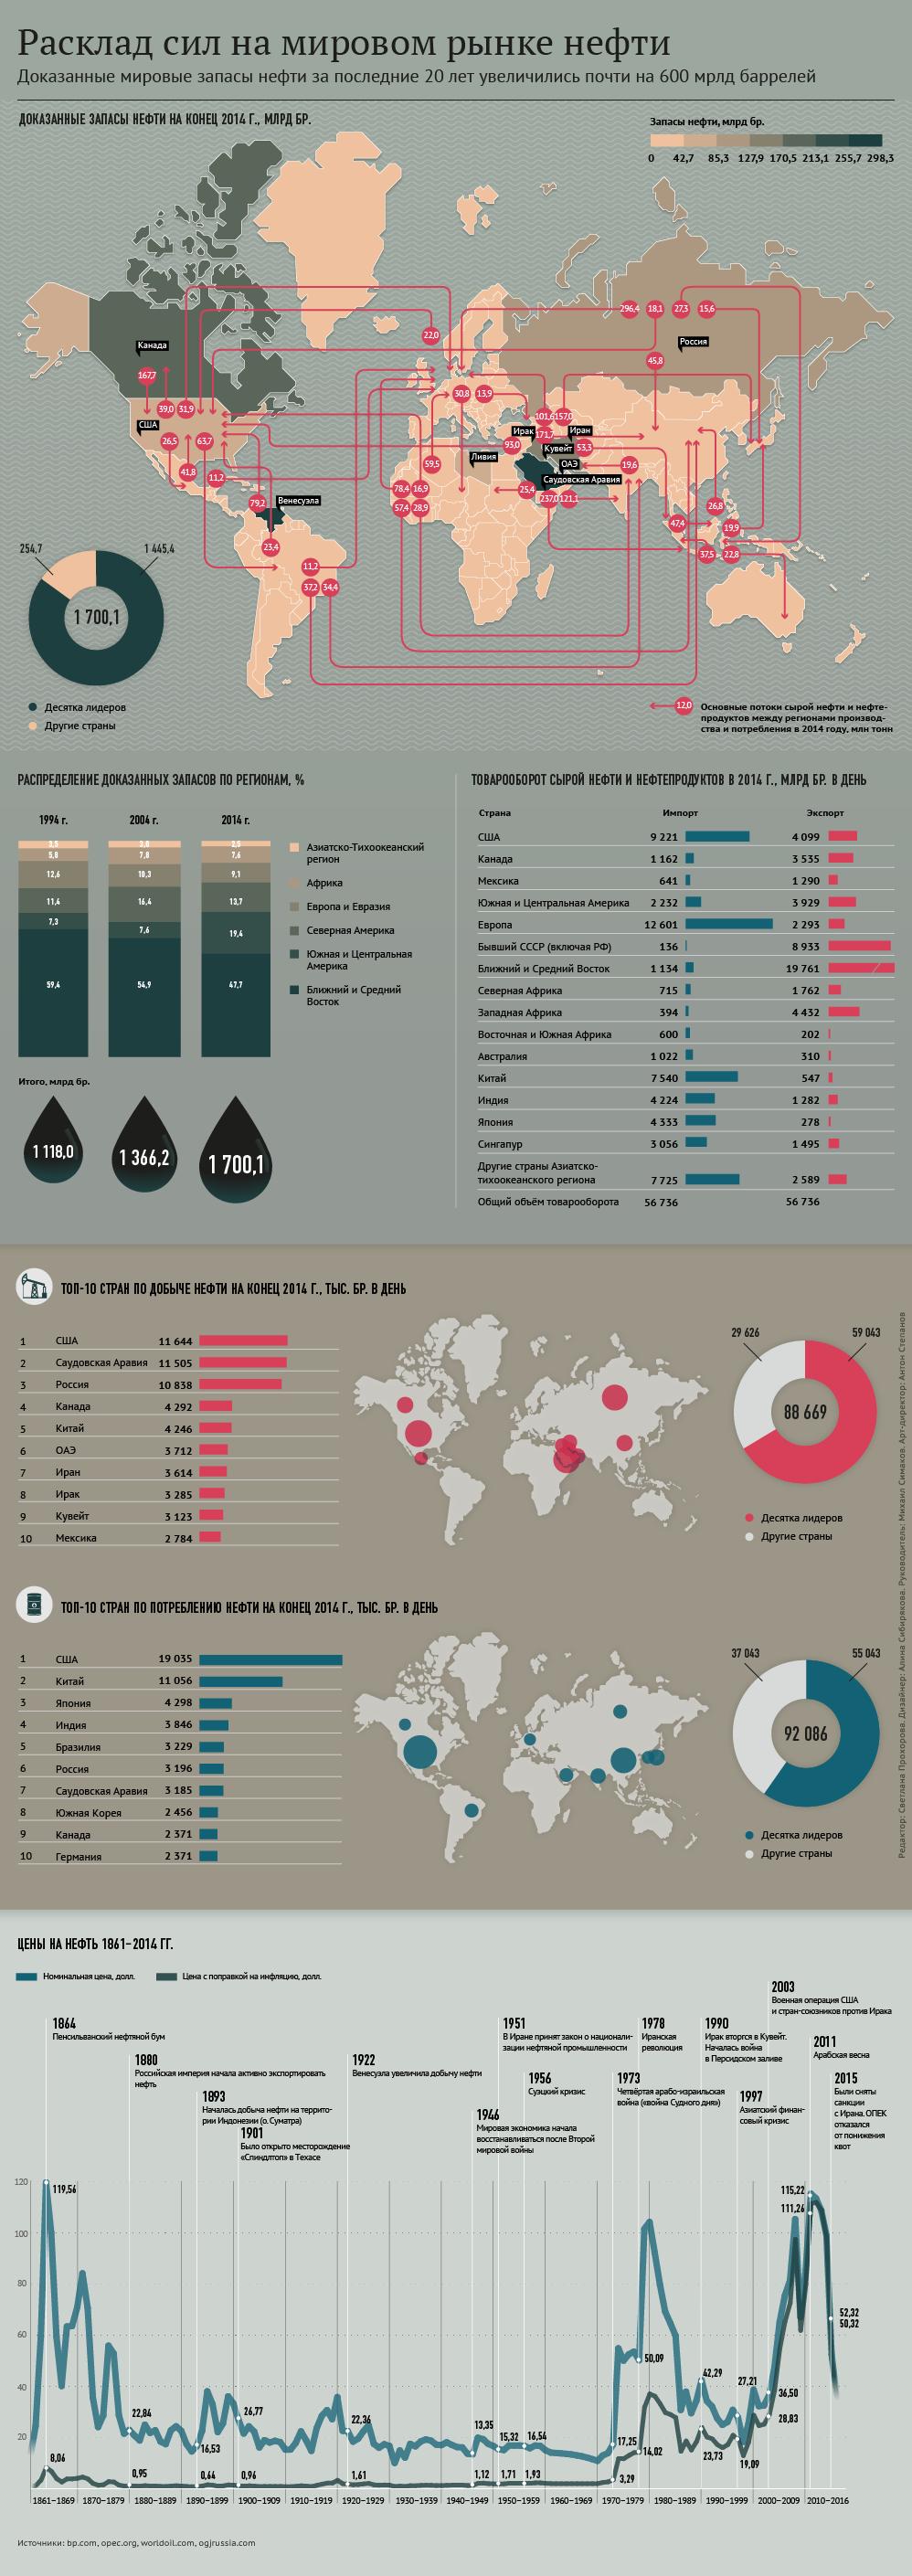 Расклад сил на мировом рынке нефти - Sputnik Таджикистан